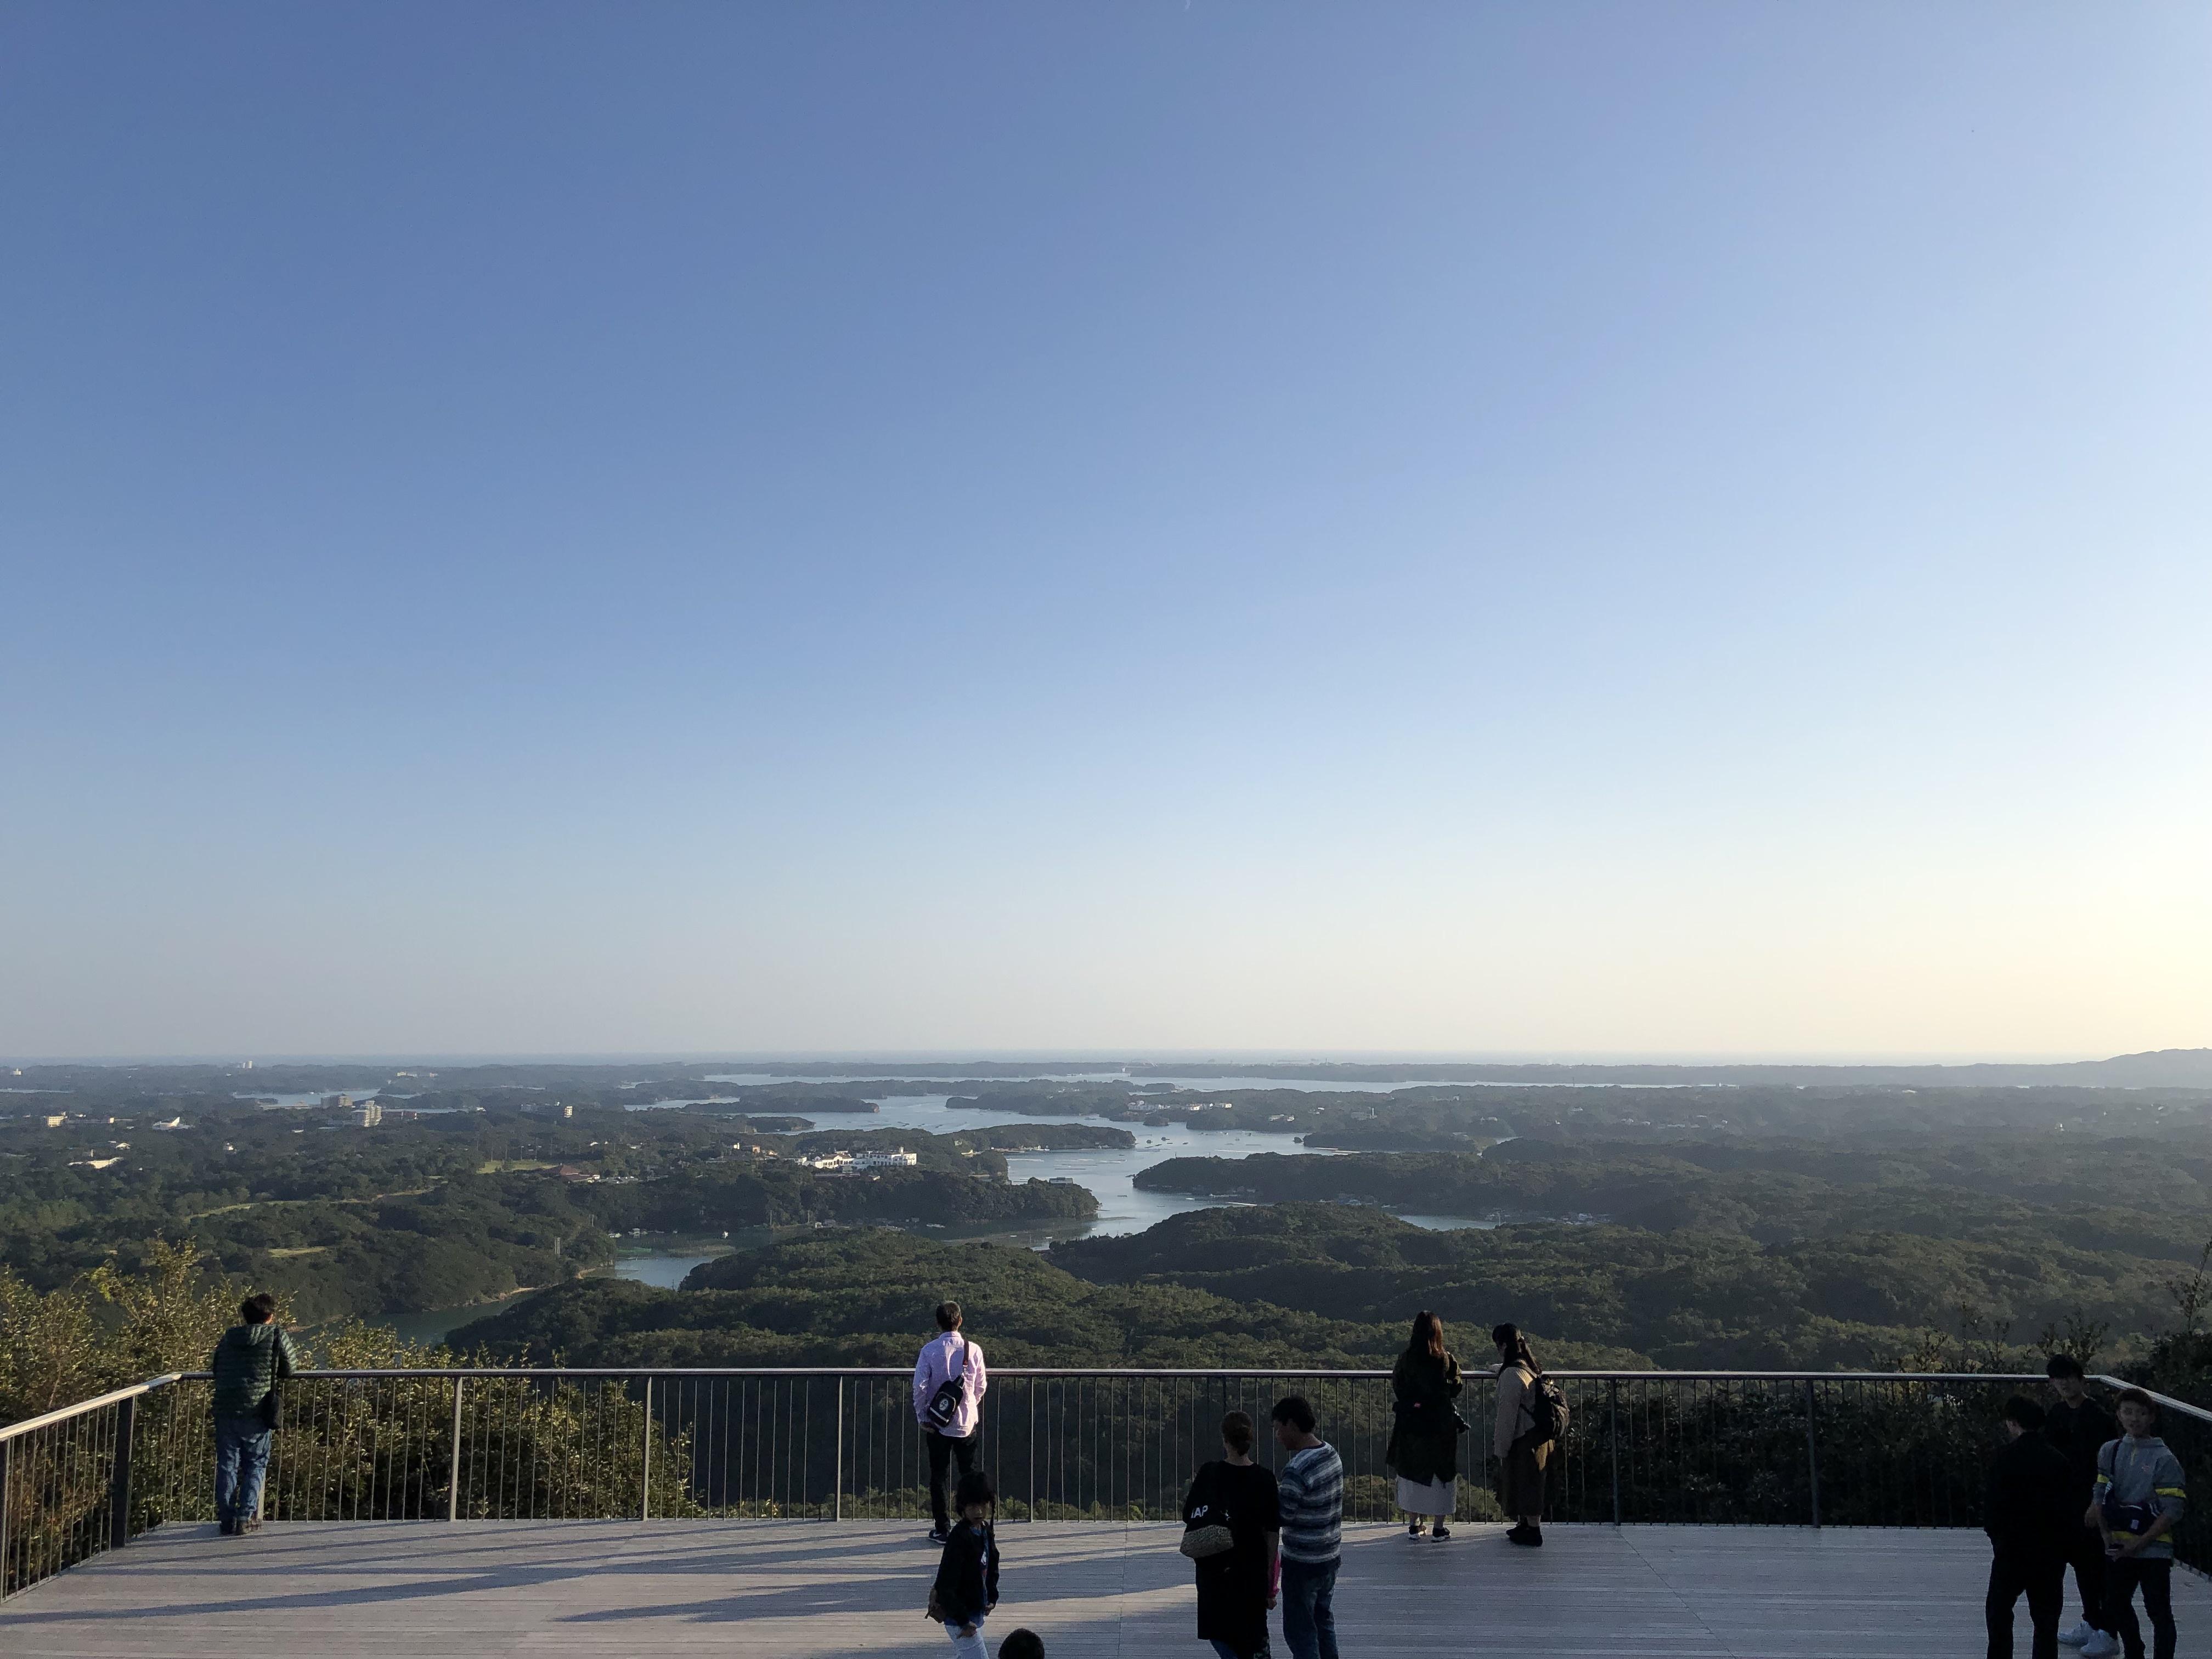 ぴーきち&ダイナ ハーレーで行く 伊勢志摩ツーリング 横山展望台からの絶景